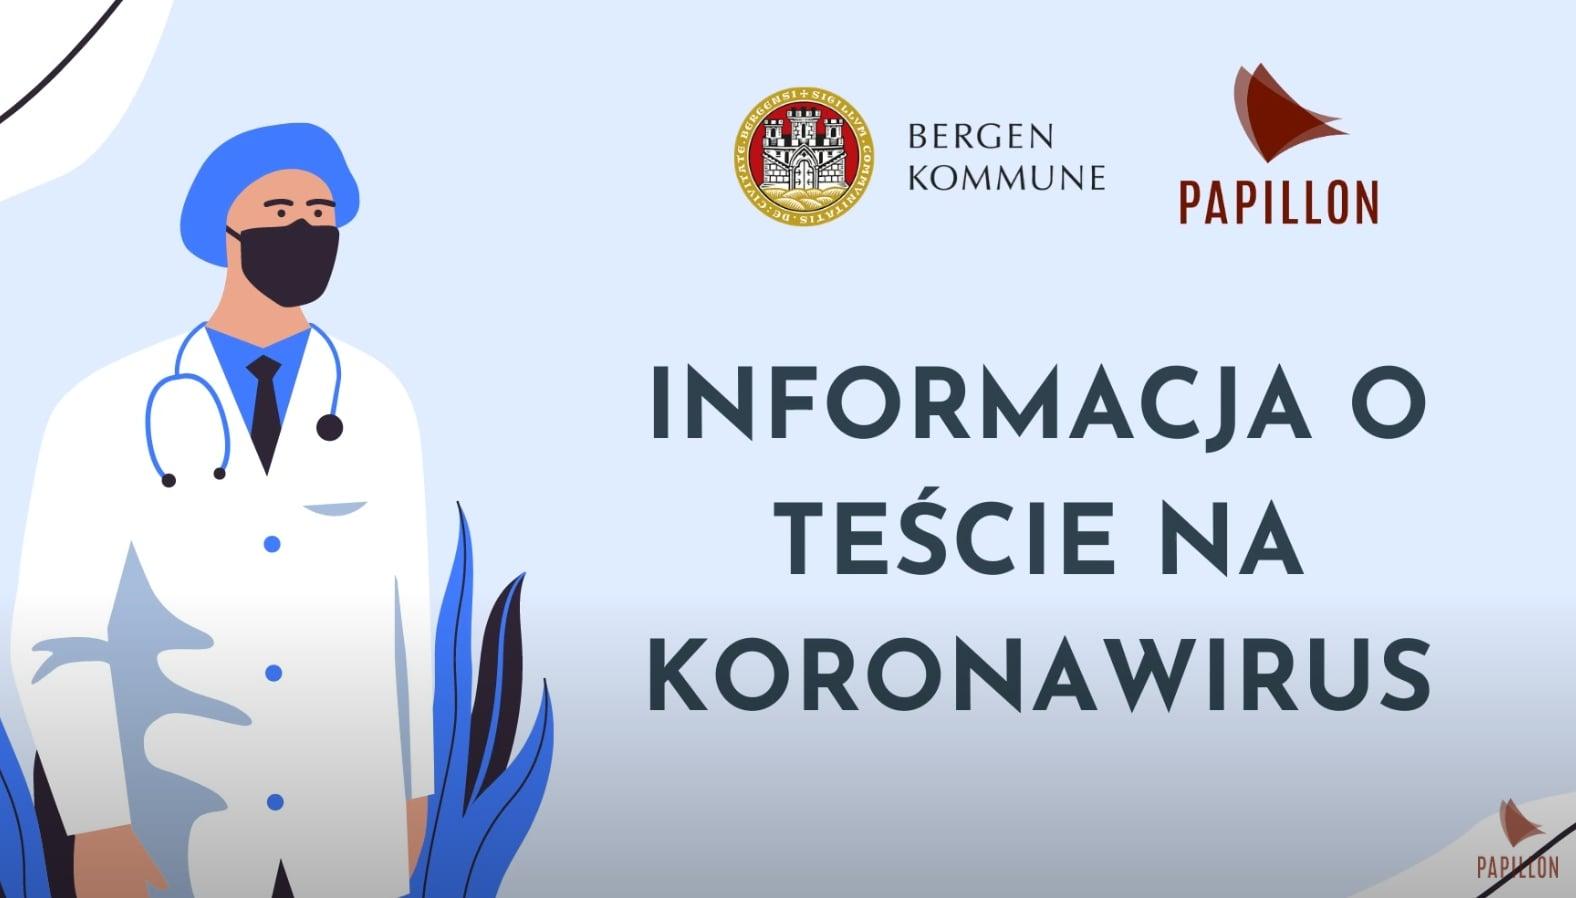 Informacja o teście na koronawirus (COVID-19 test - Polsk)